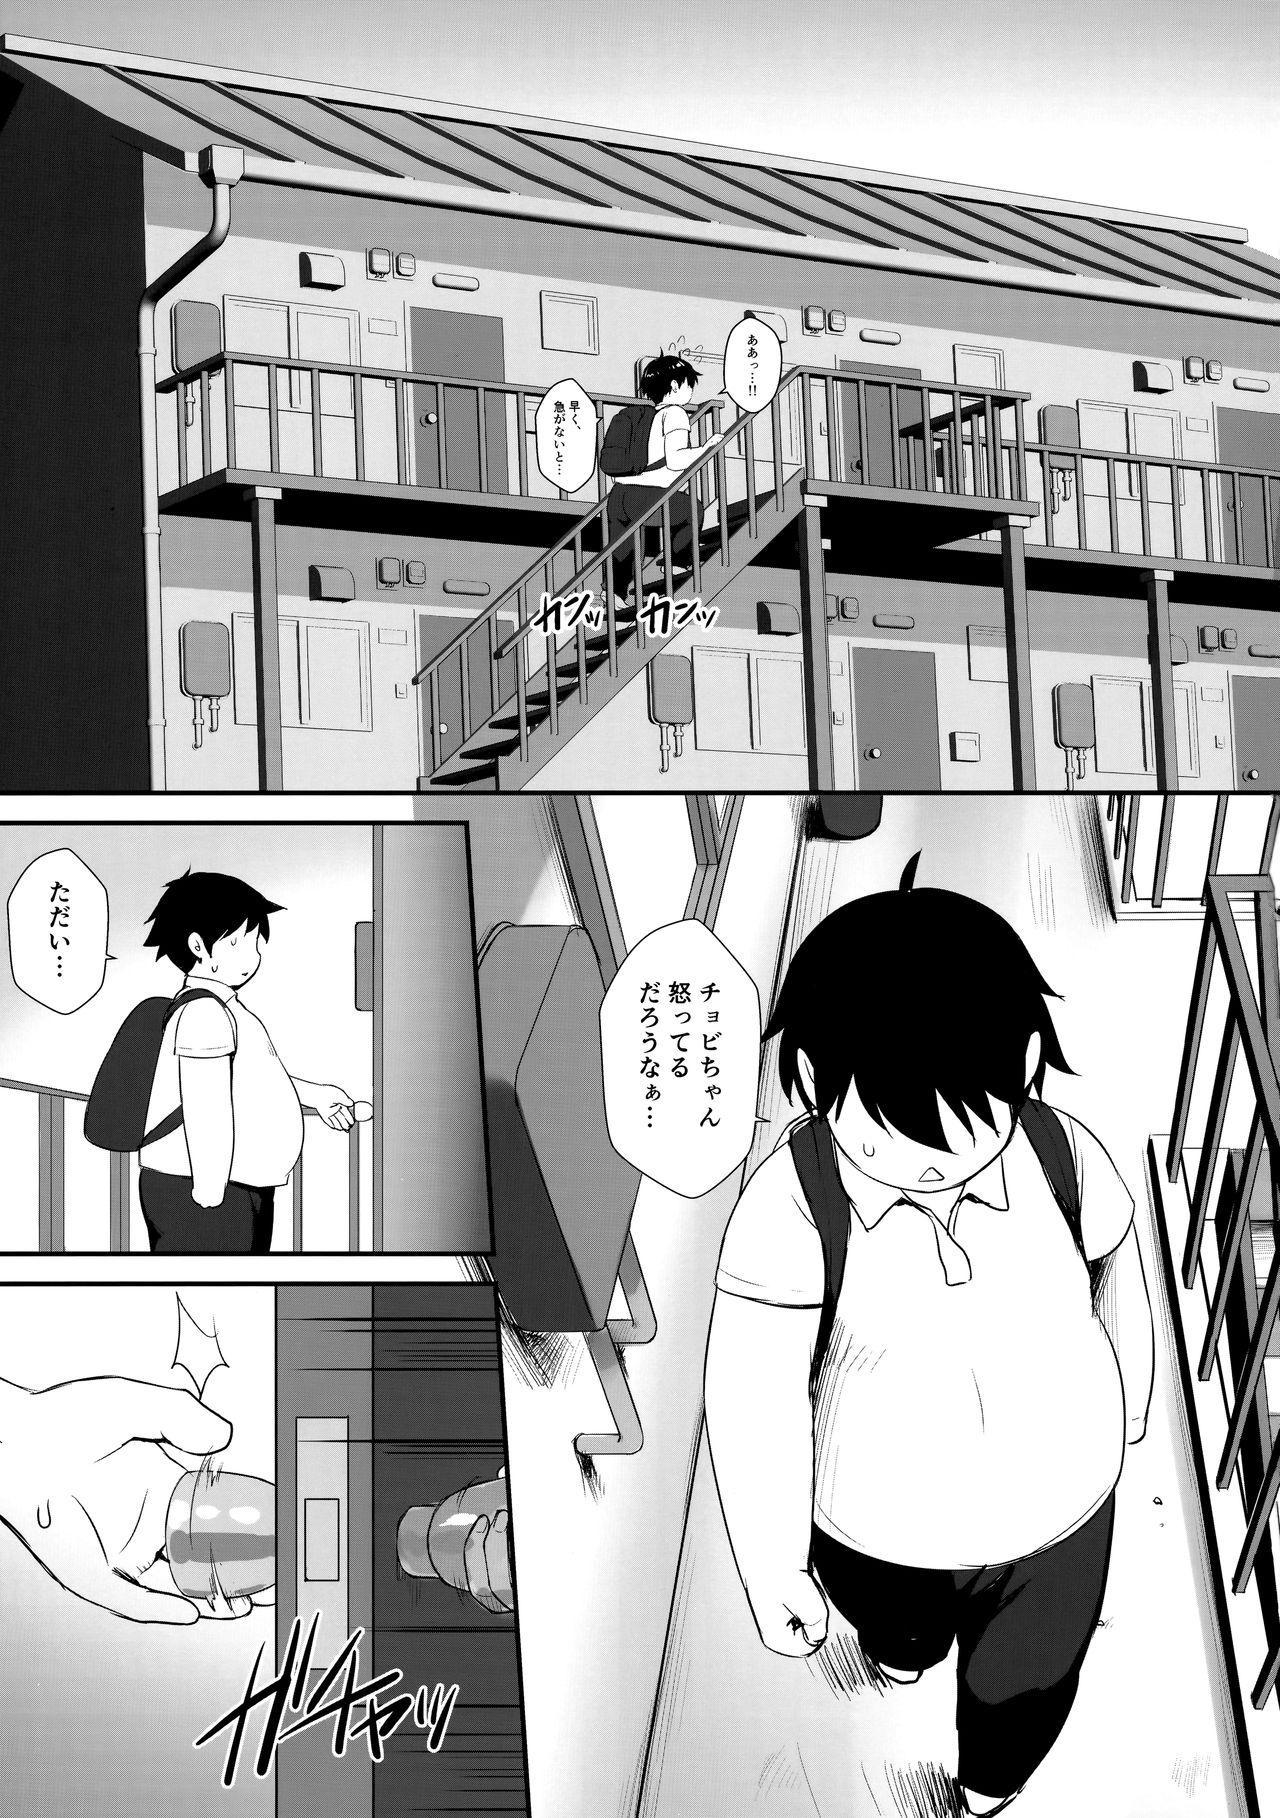 Chovy-chan to Boku no Ninshin Katsudou 2